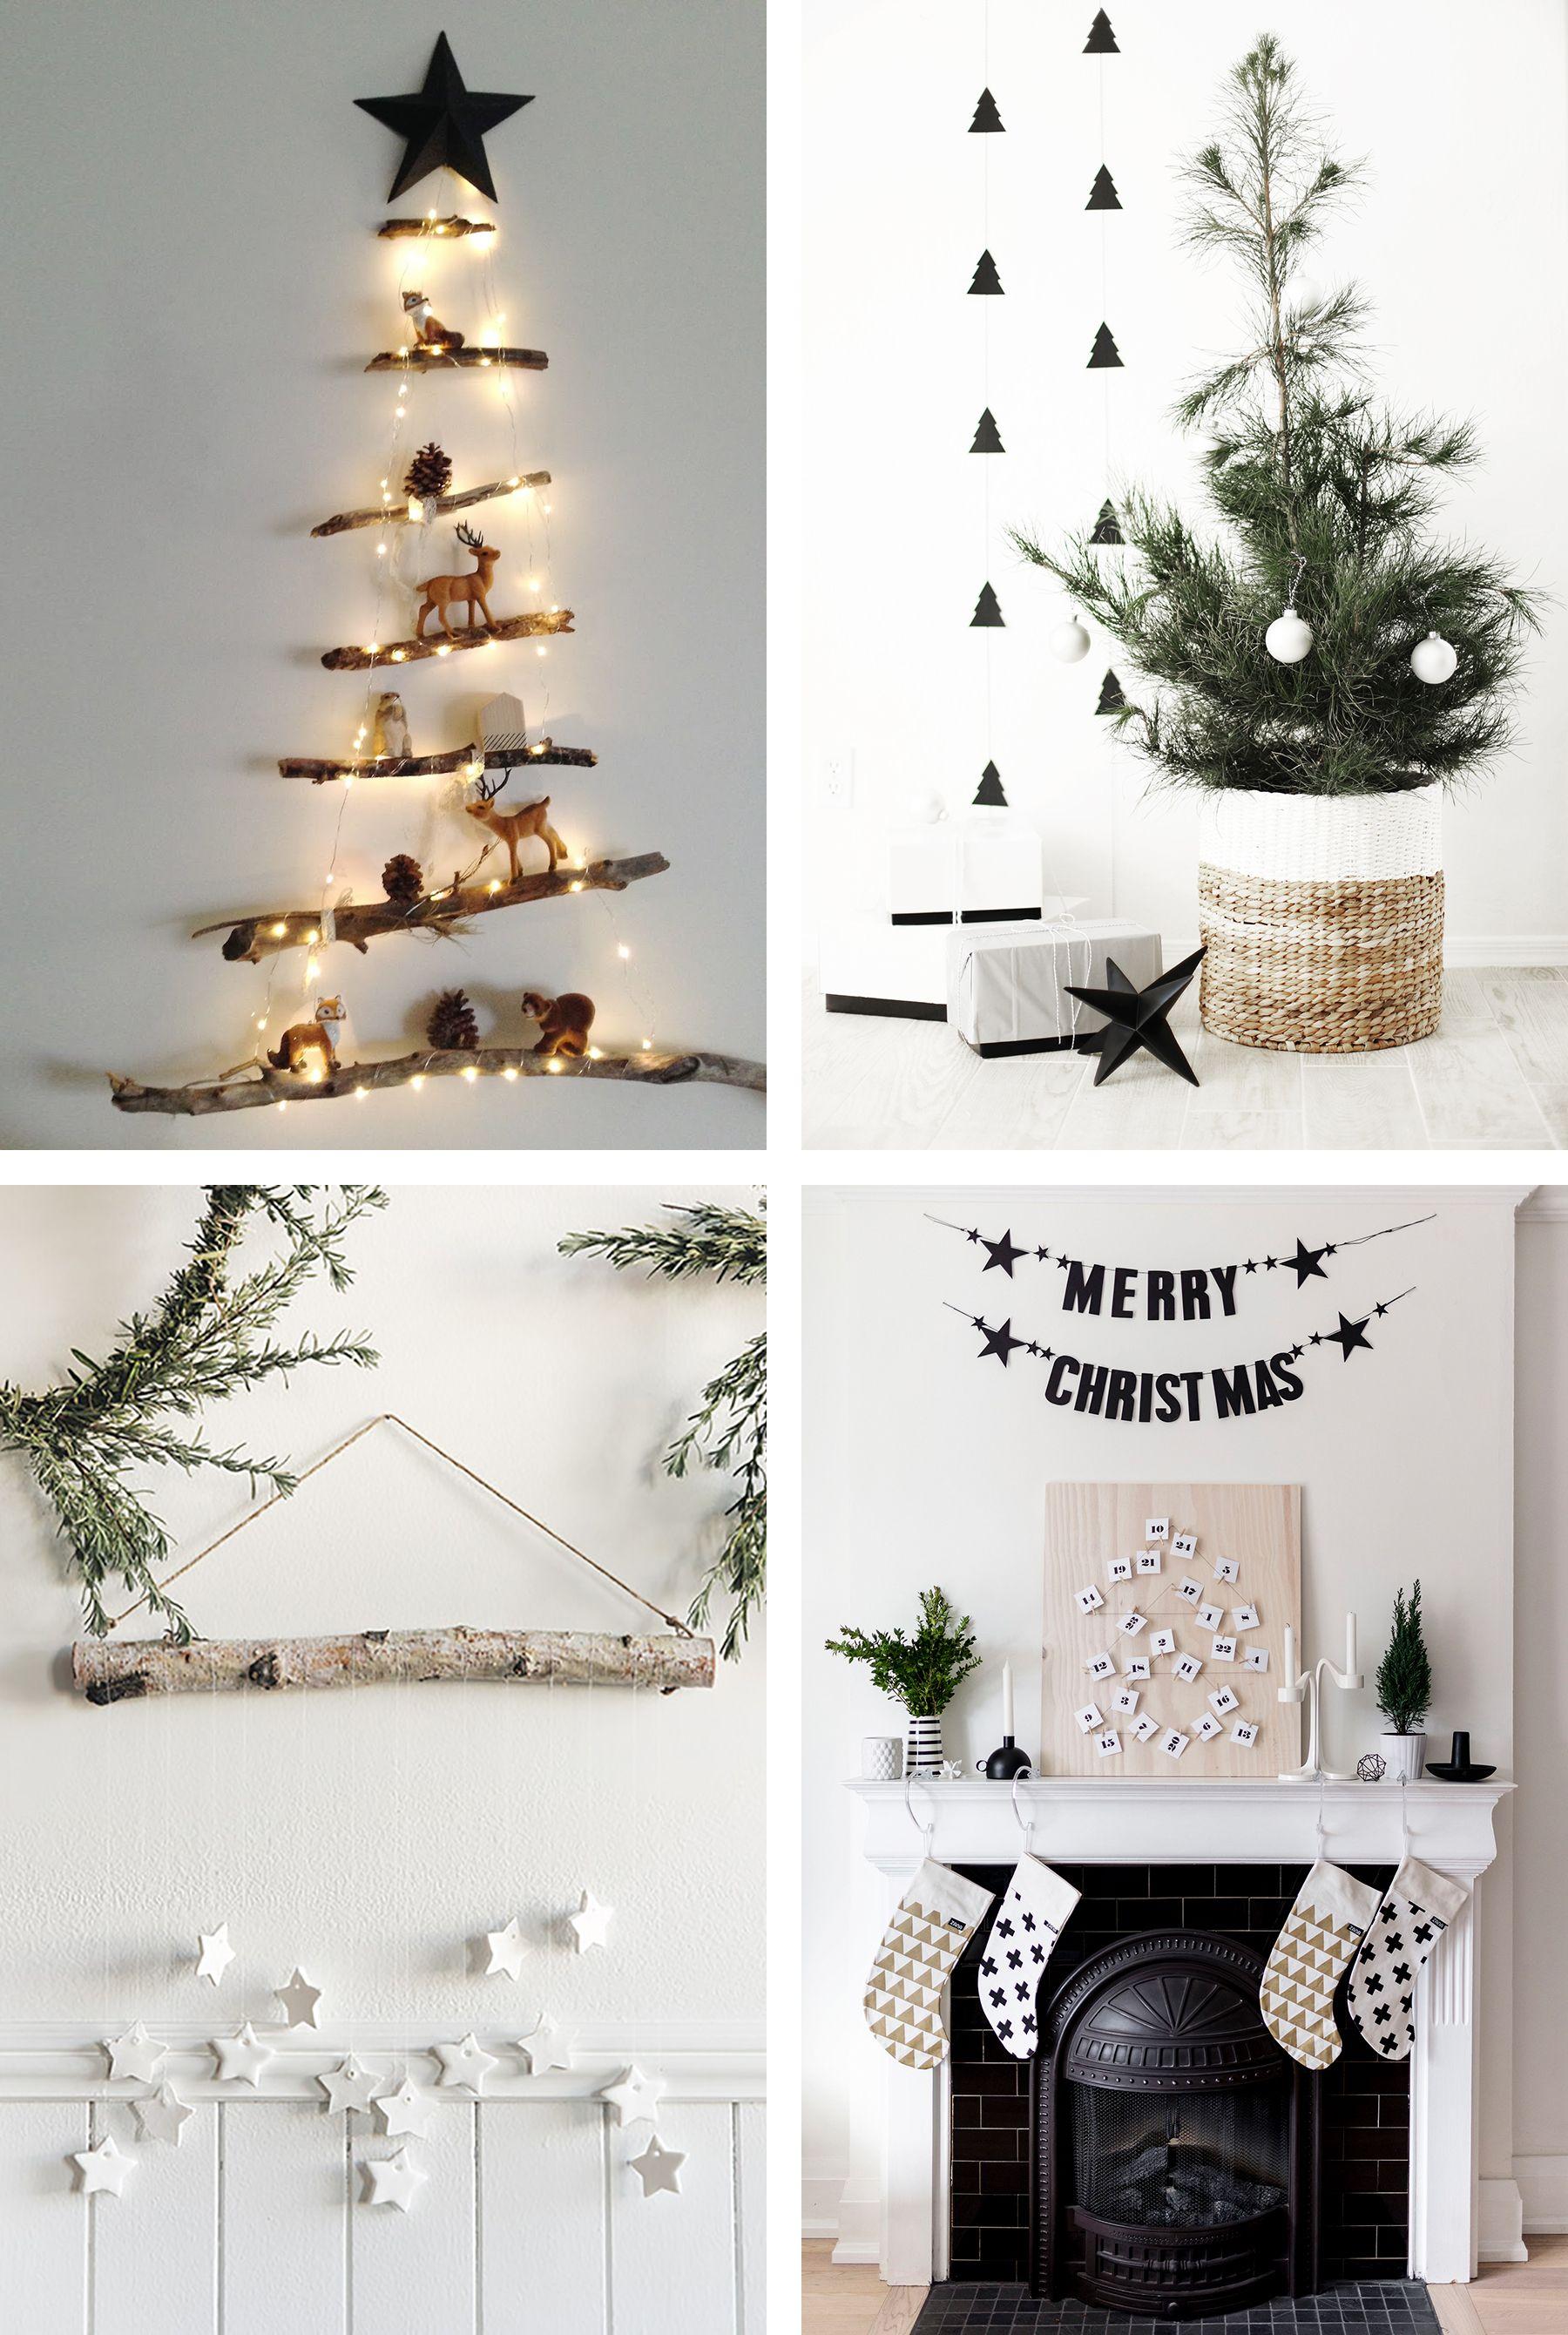 Scandinavian Christmas Inspiration How To Get That Perfect Nordic Look Happy Scandinavian Christmas Scandinavian Christmas Decorations Christmas Interiors